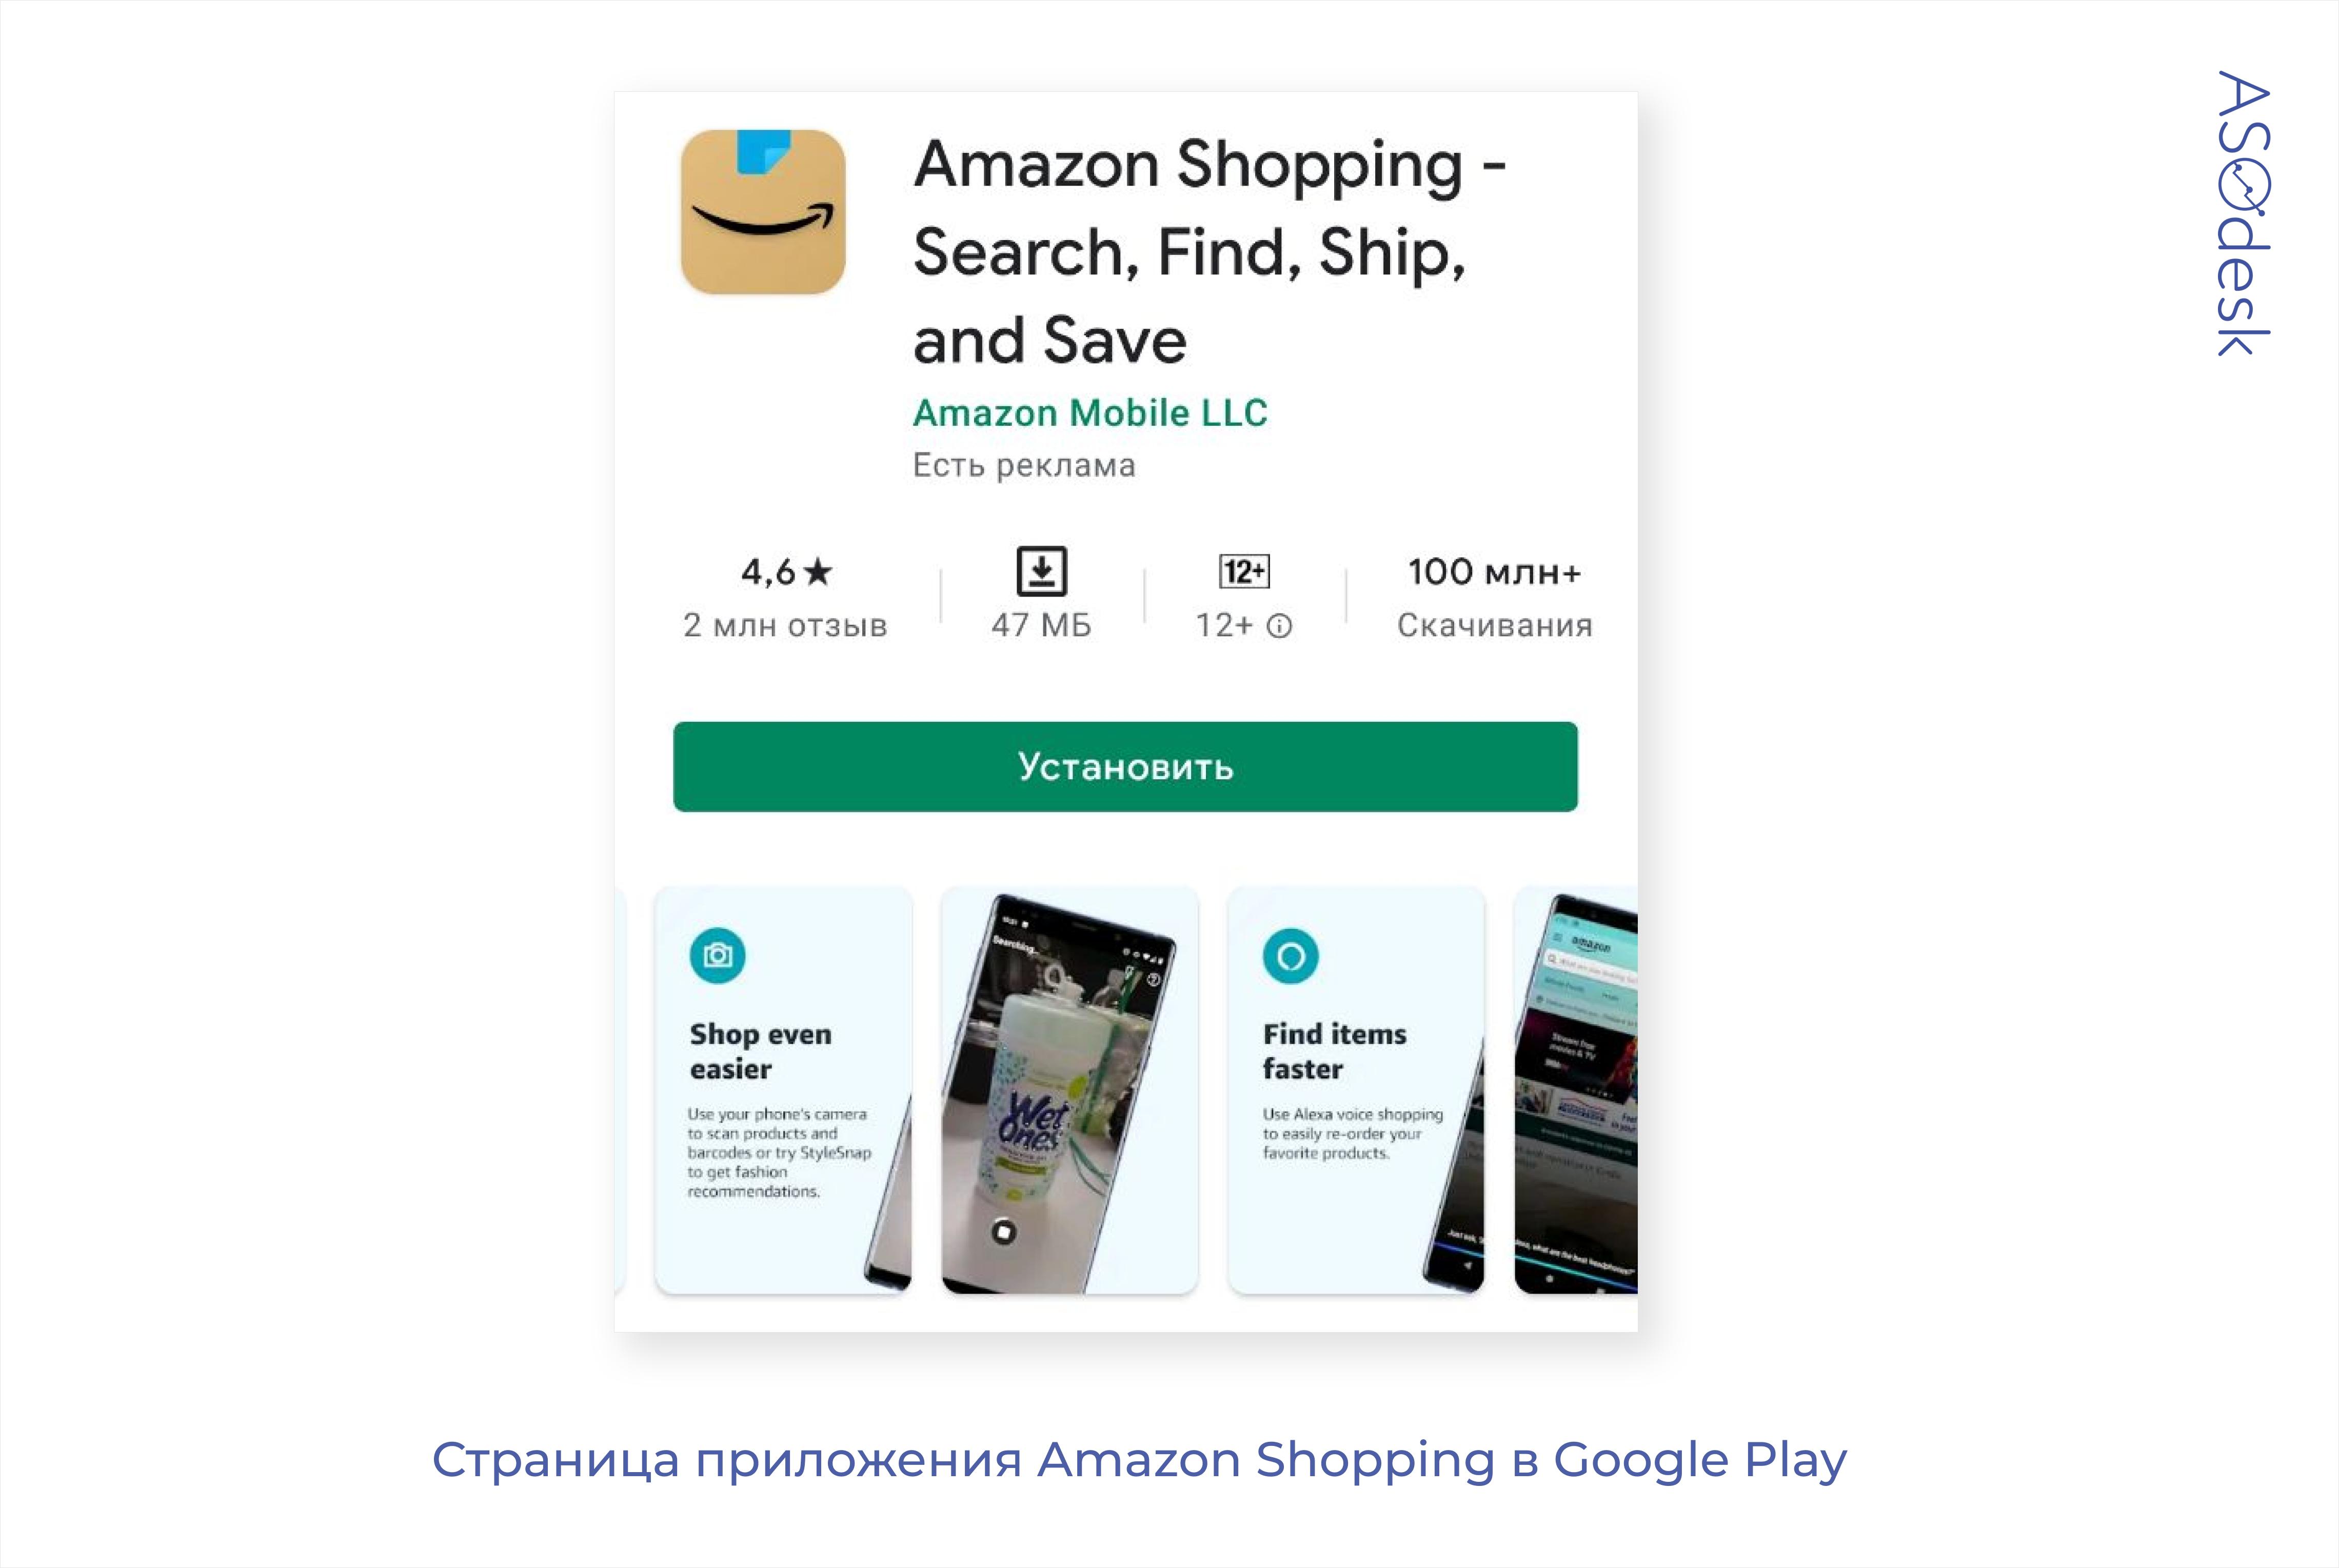 На скриншотах приложения Amazon в Google Play используется текст небольшого размера